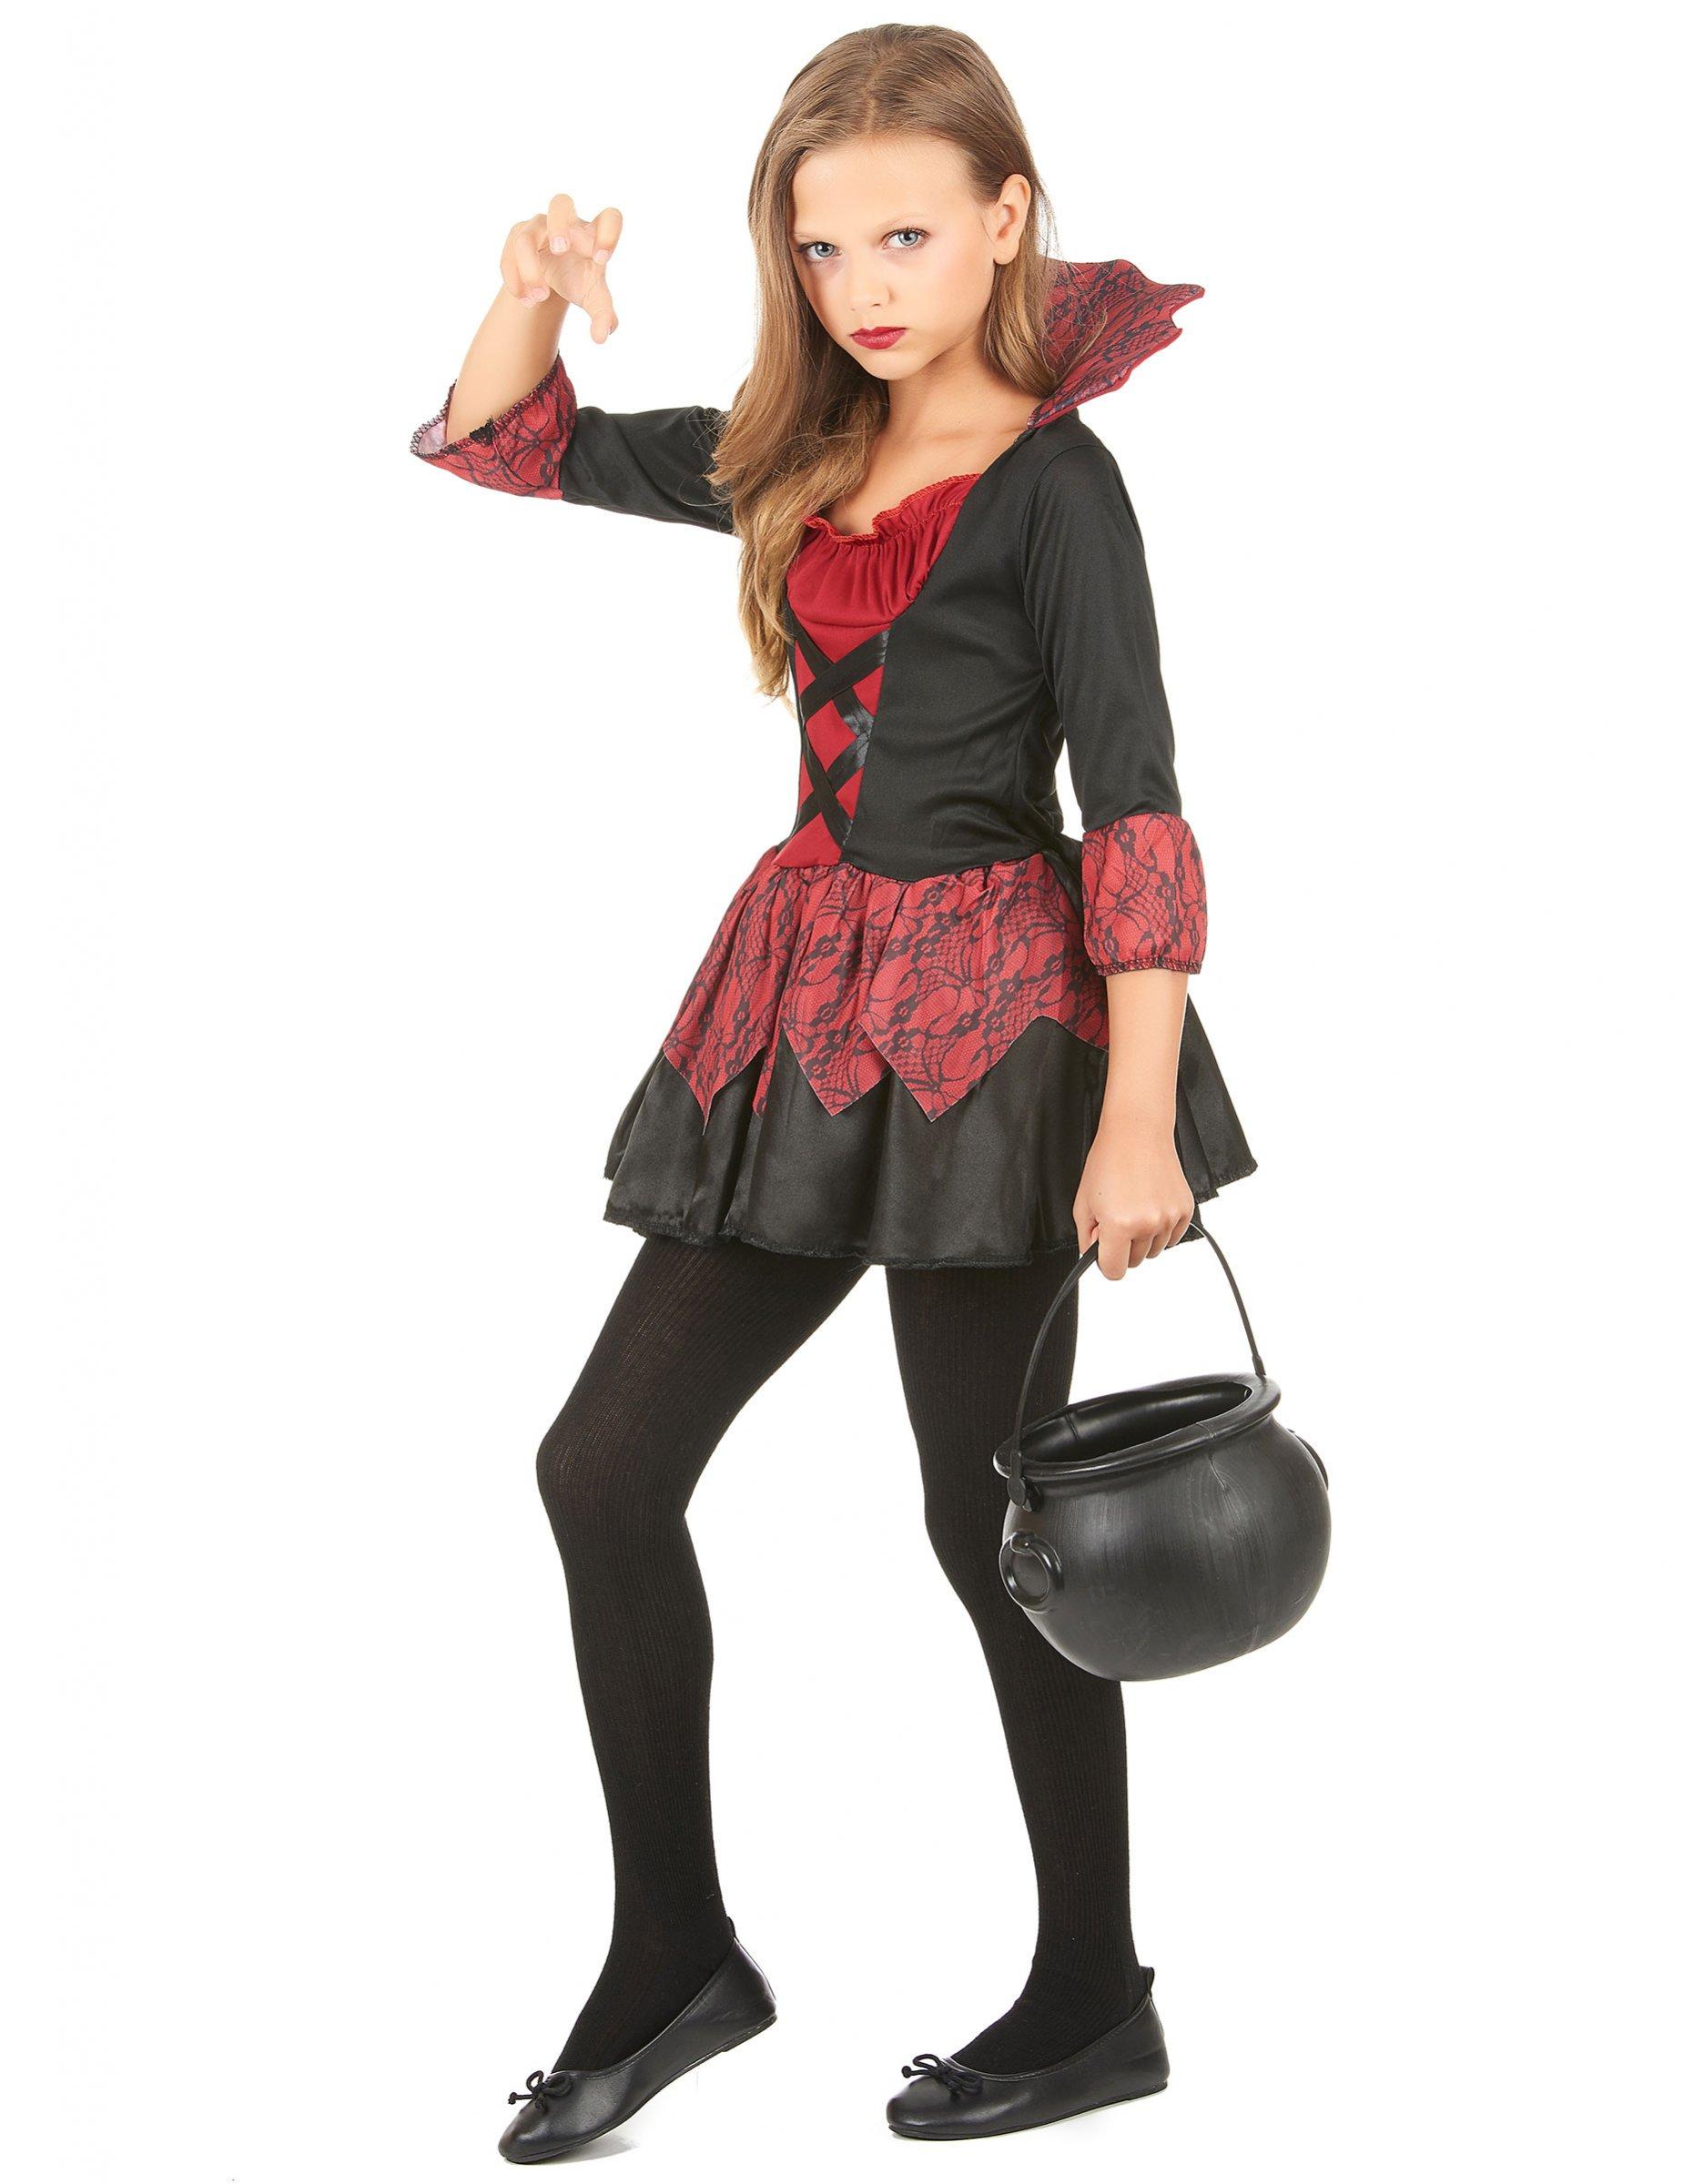 d guisement vampire fille achat de d guisements enfants sur vegaoopro grossiste en d guisements. Black Bedroom Furniture Sets. Home Design Ideas